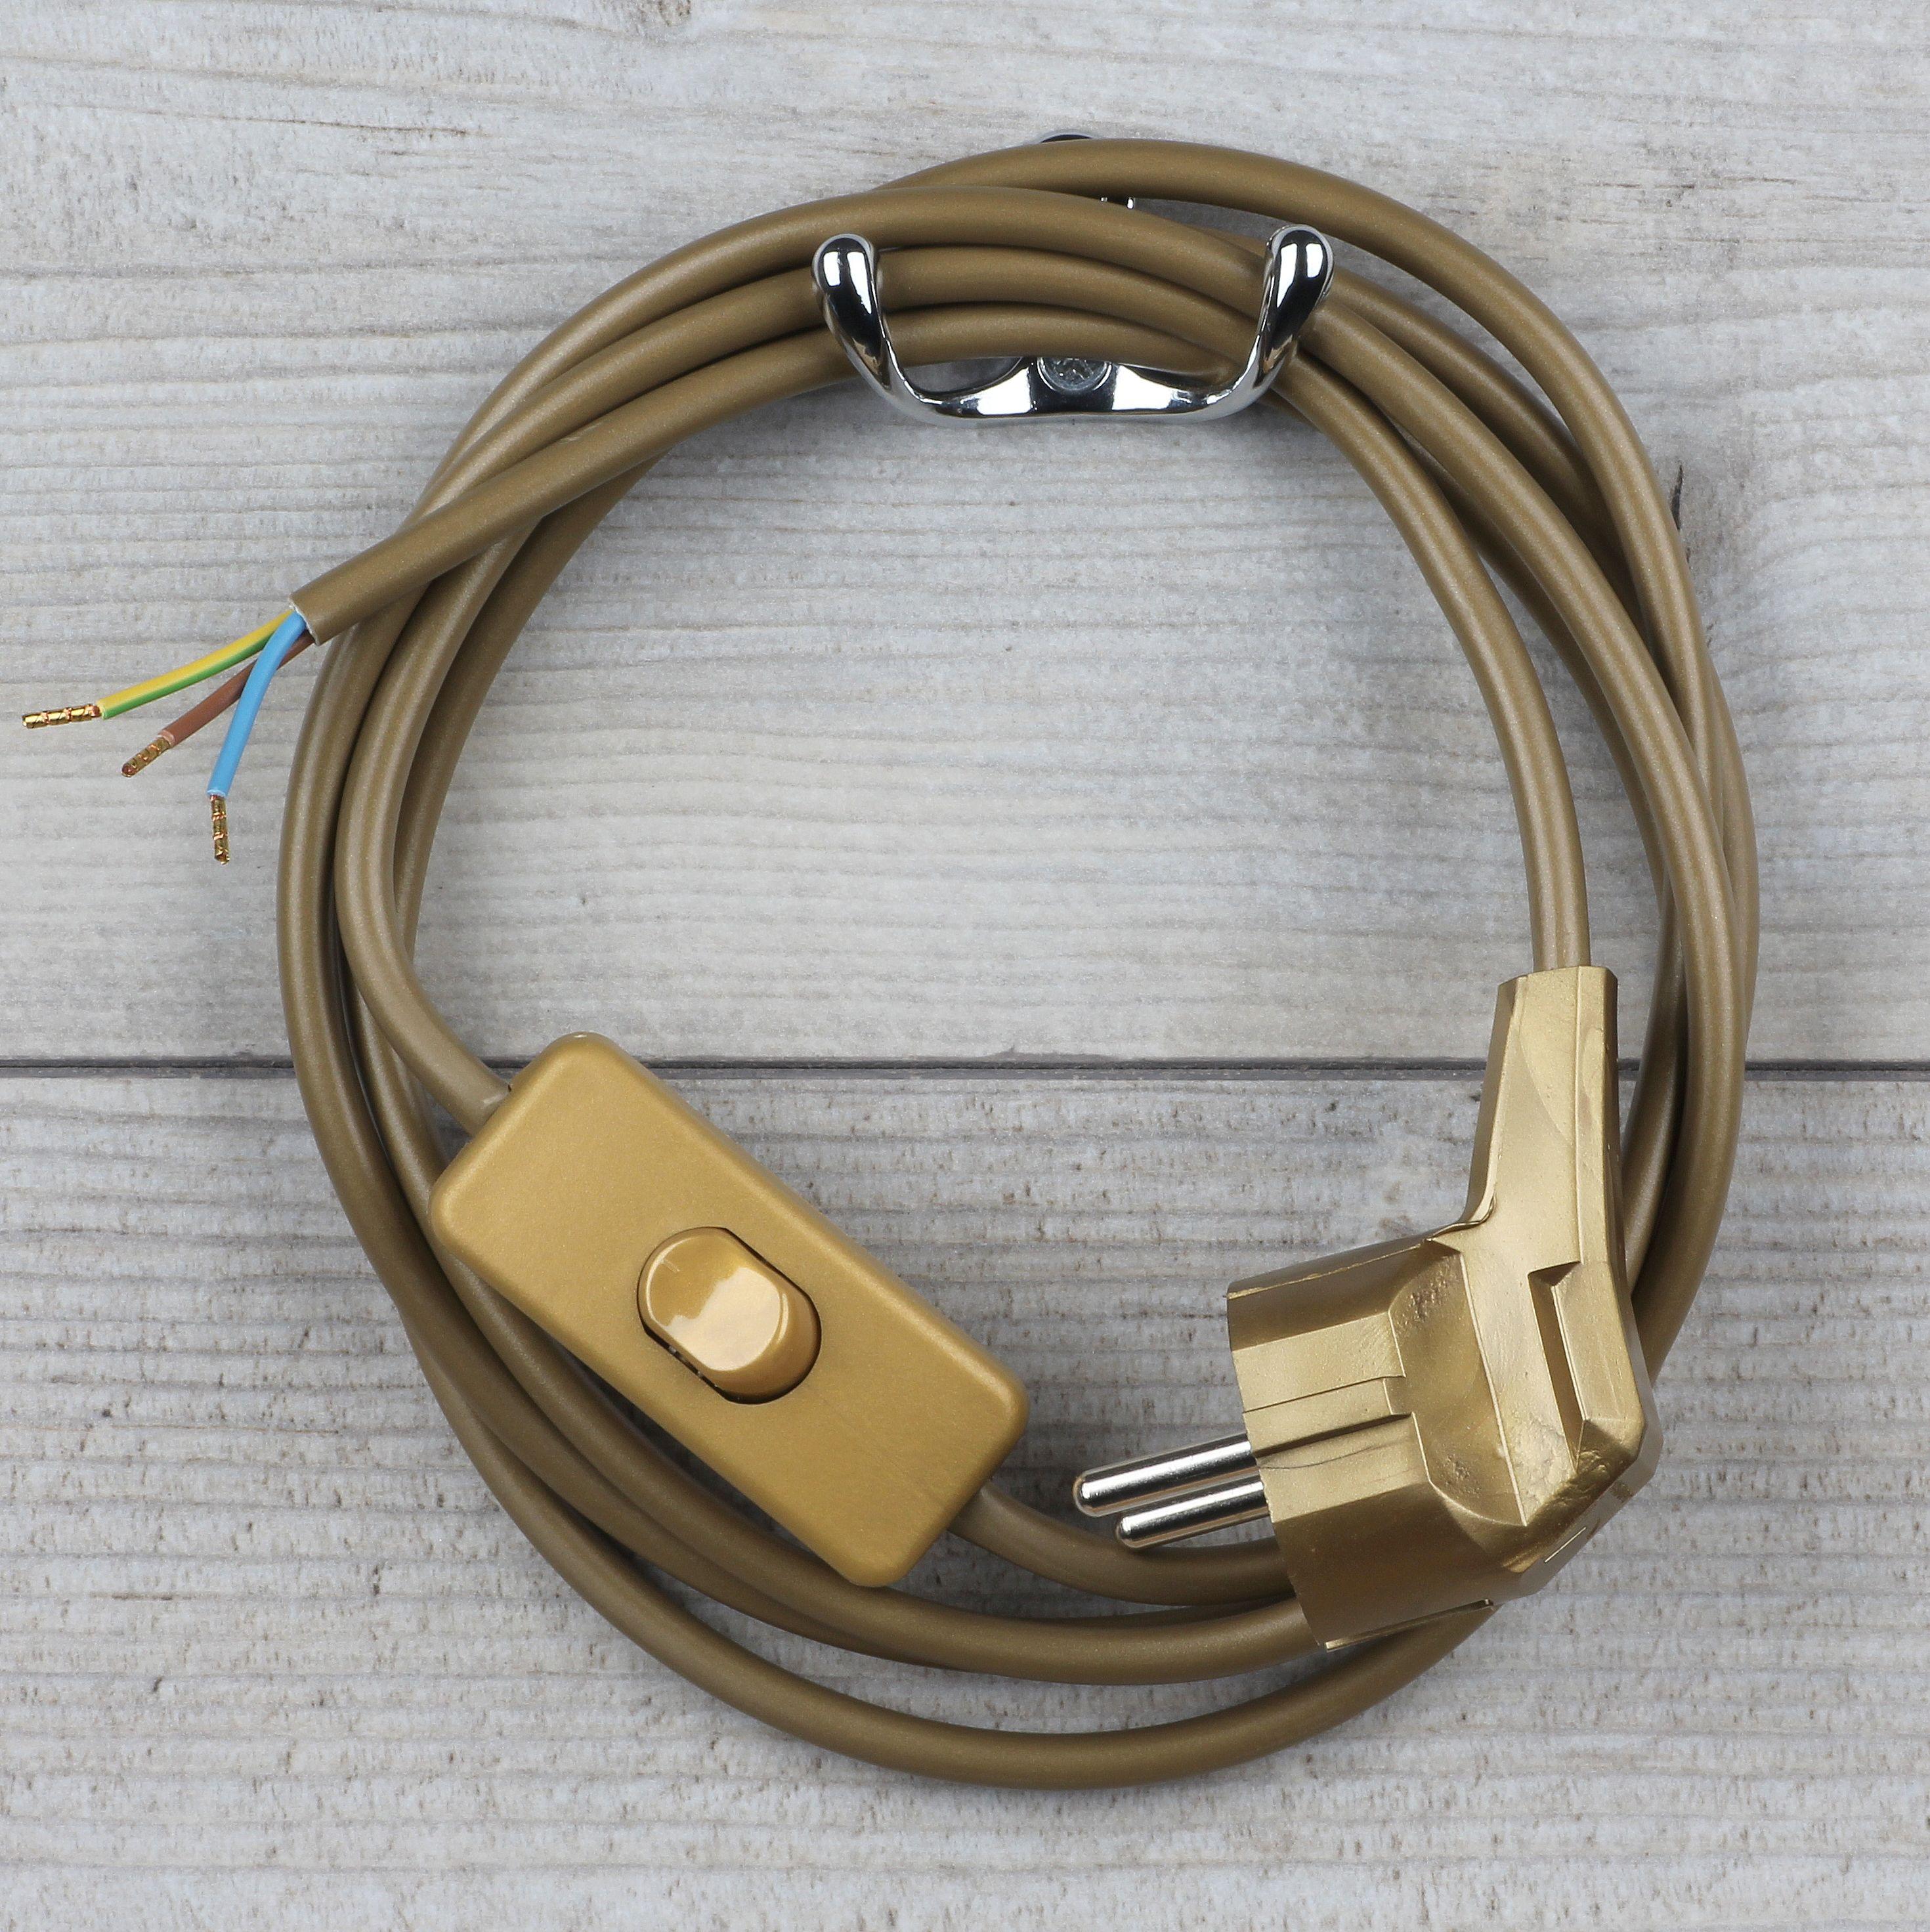 Lampen Anschlussleitung transparent 2 Meter 3-adrig mit Schnurschalter u Stecker